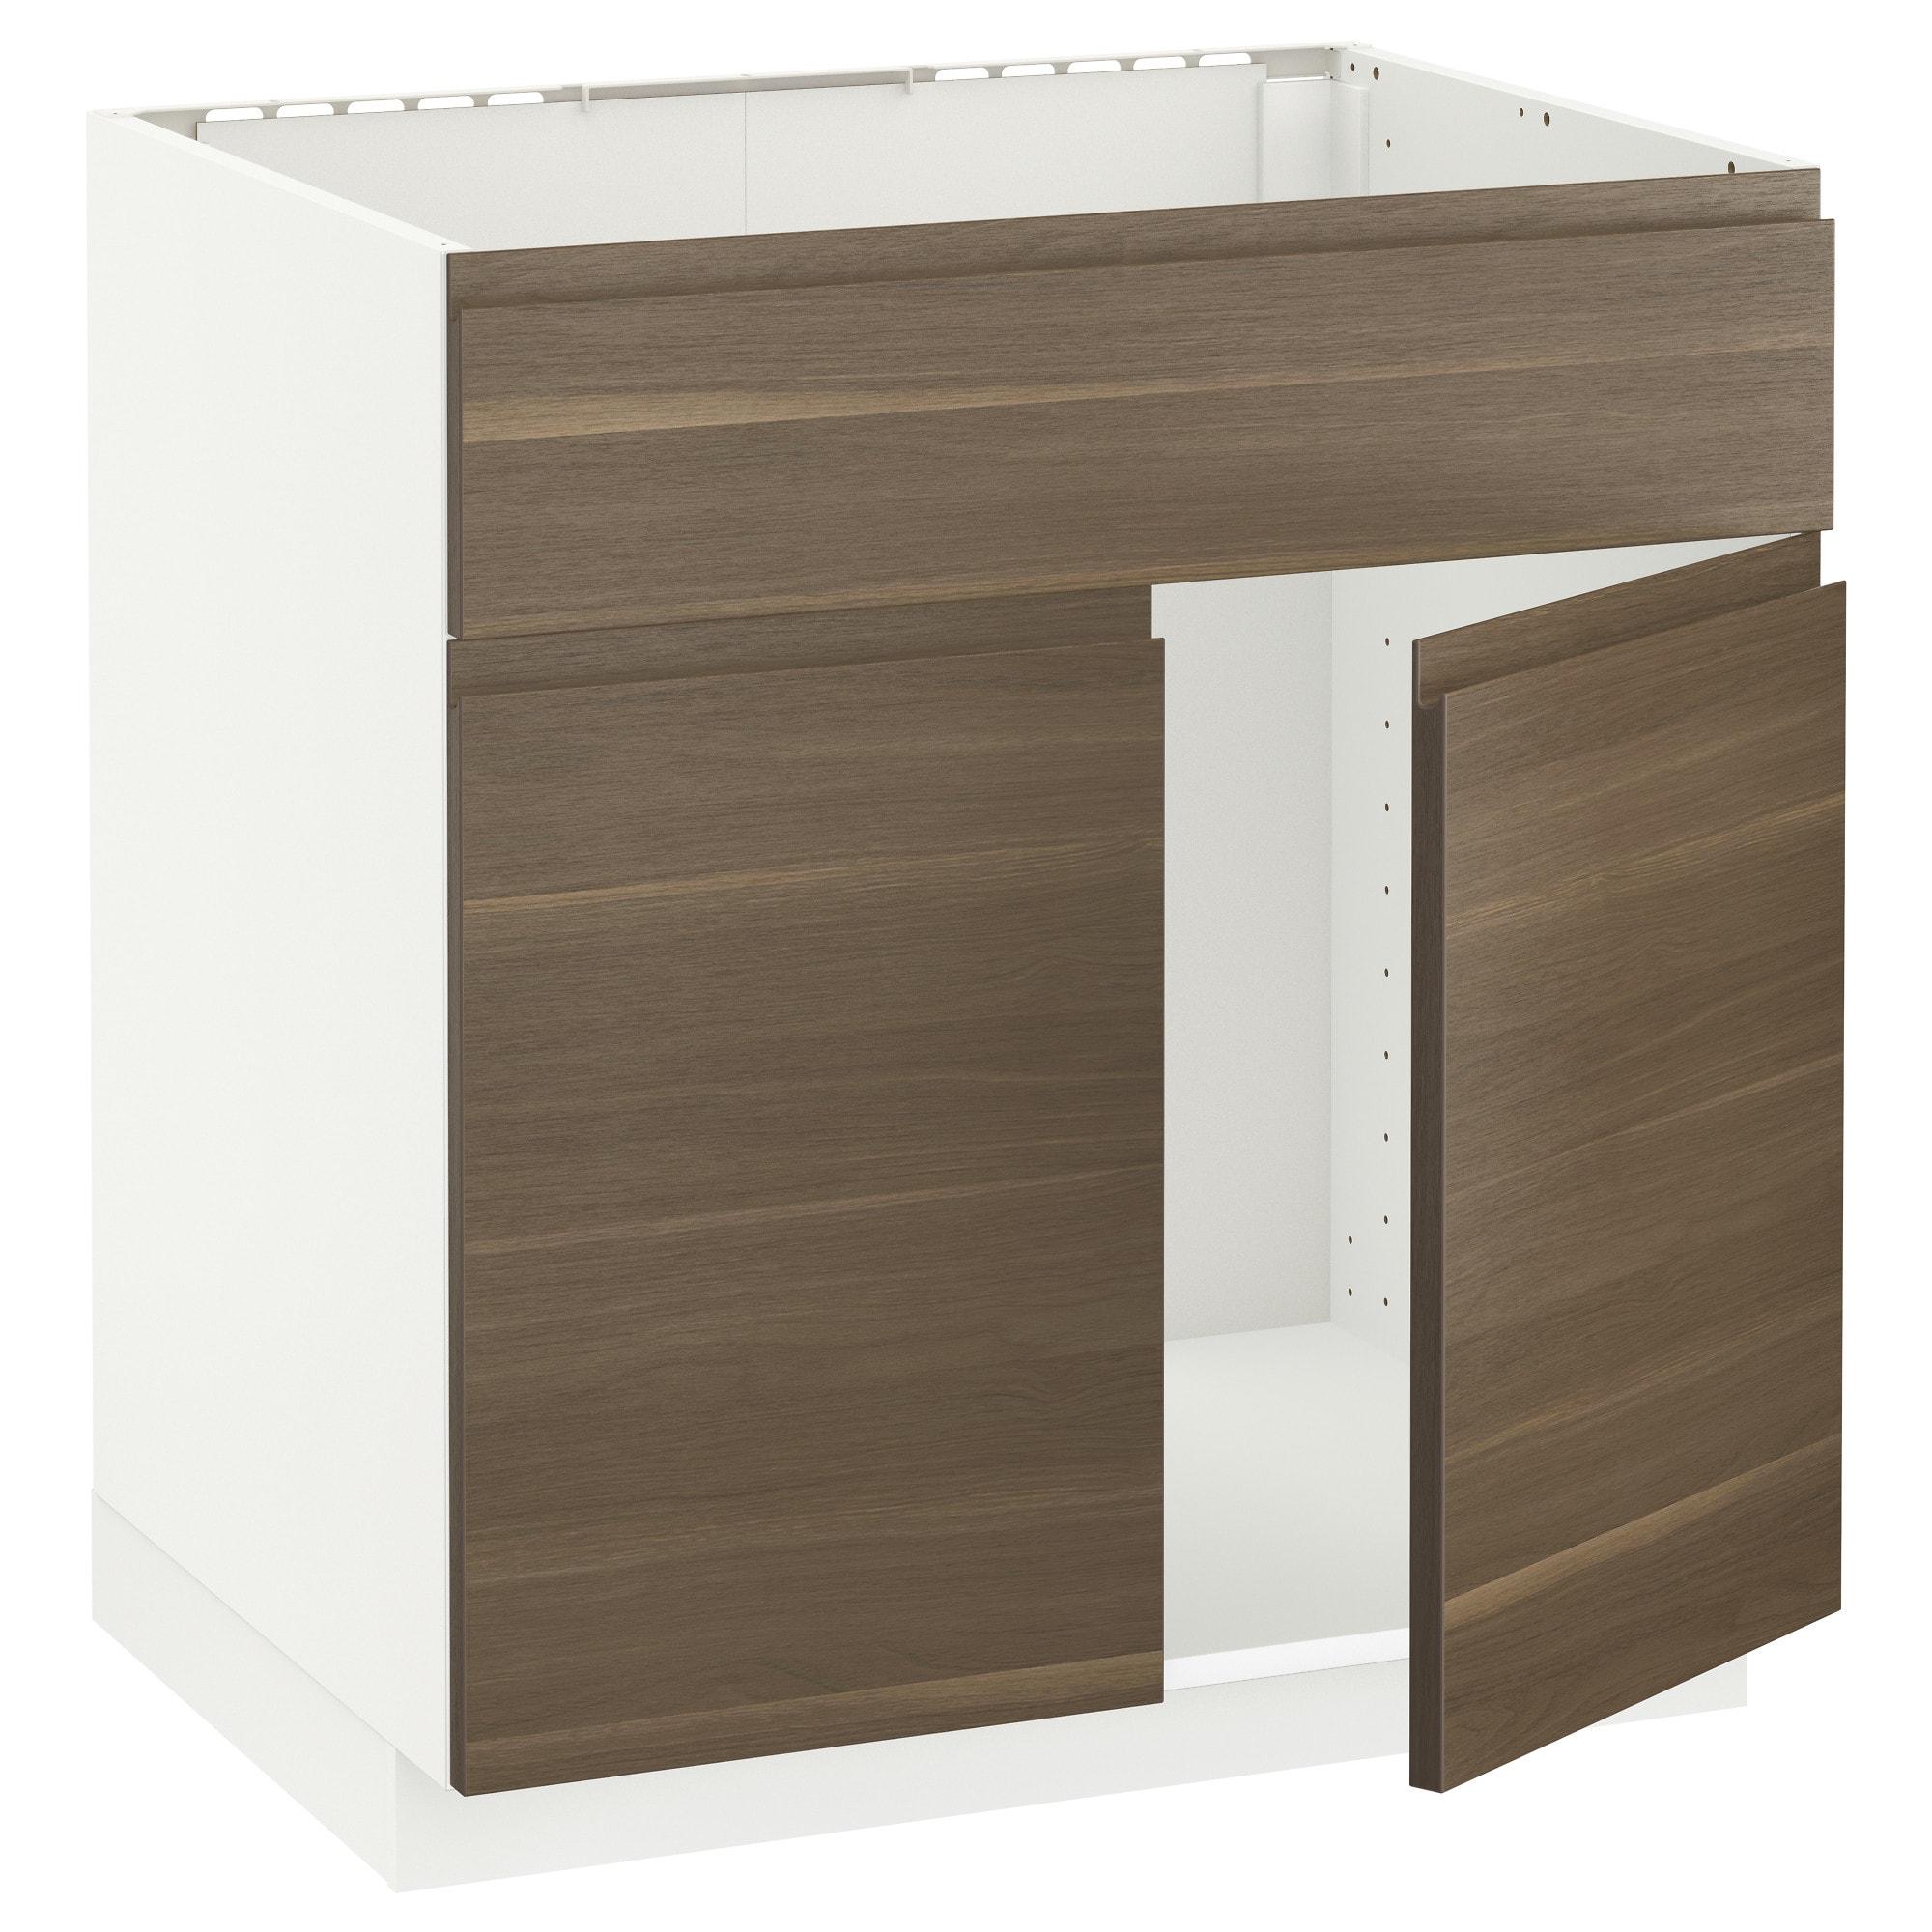 Muebles Bajos Dwdk Armarios Cocina Bajos Hasta 60 Cm Pra Online Ikea